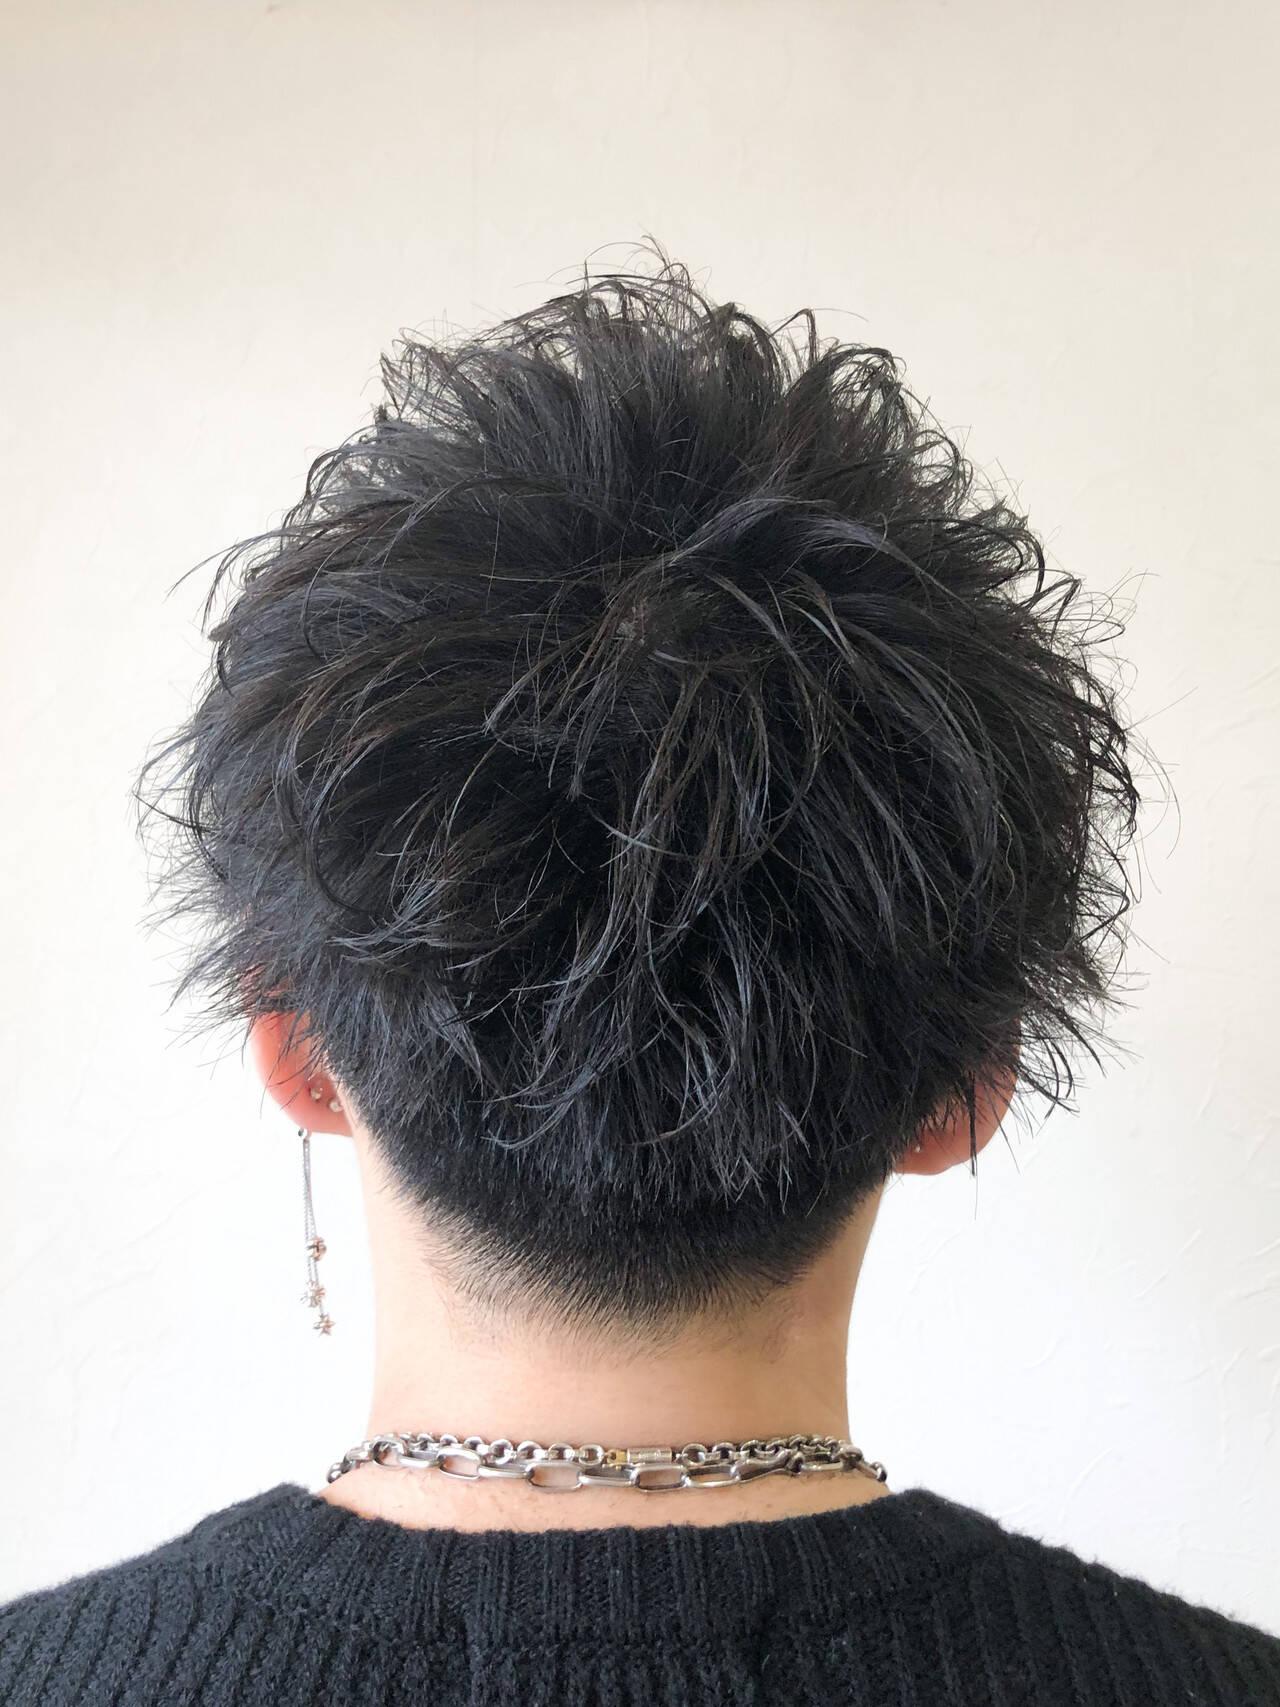 刈り上げ ショート メンズ メンズカットヘアスタイルや髪型の写真・画像